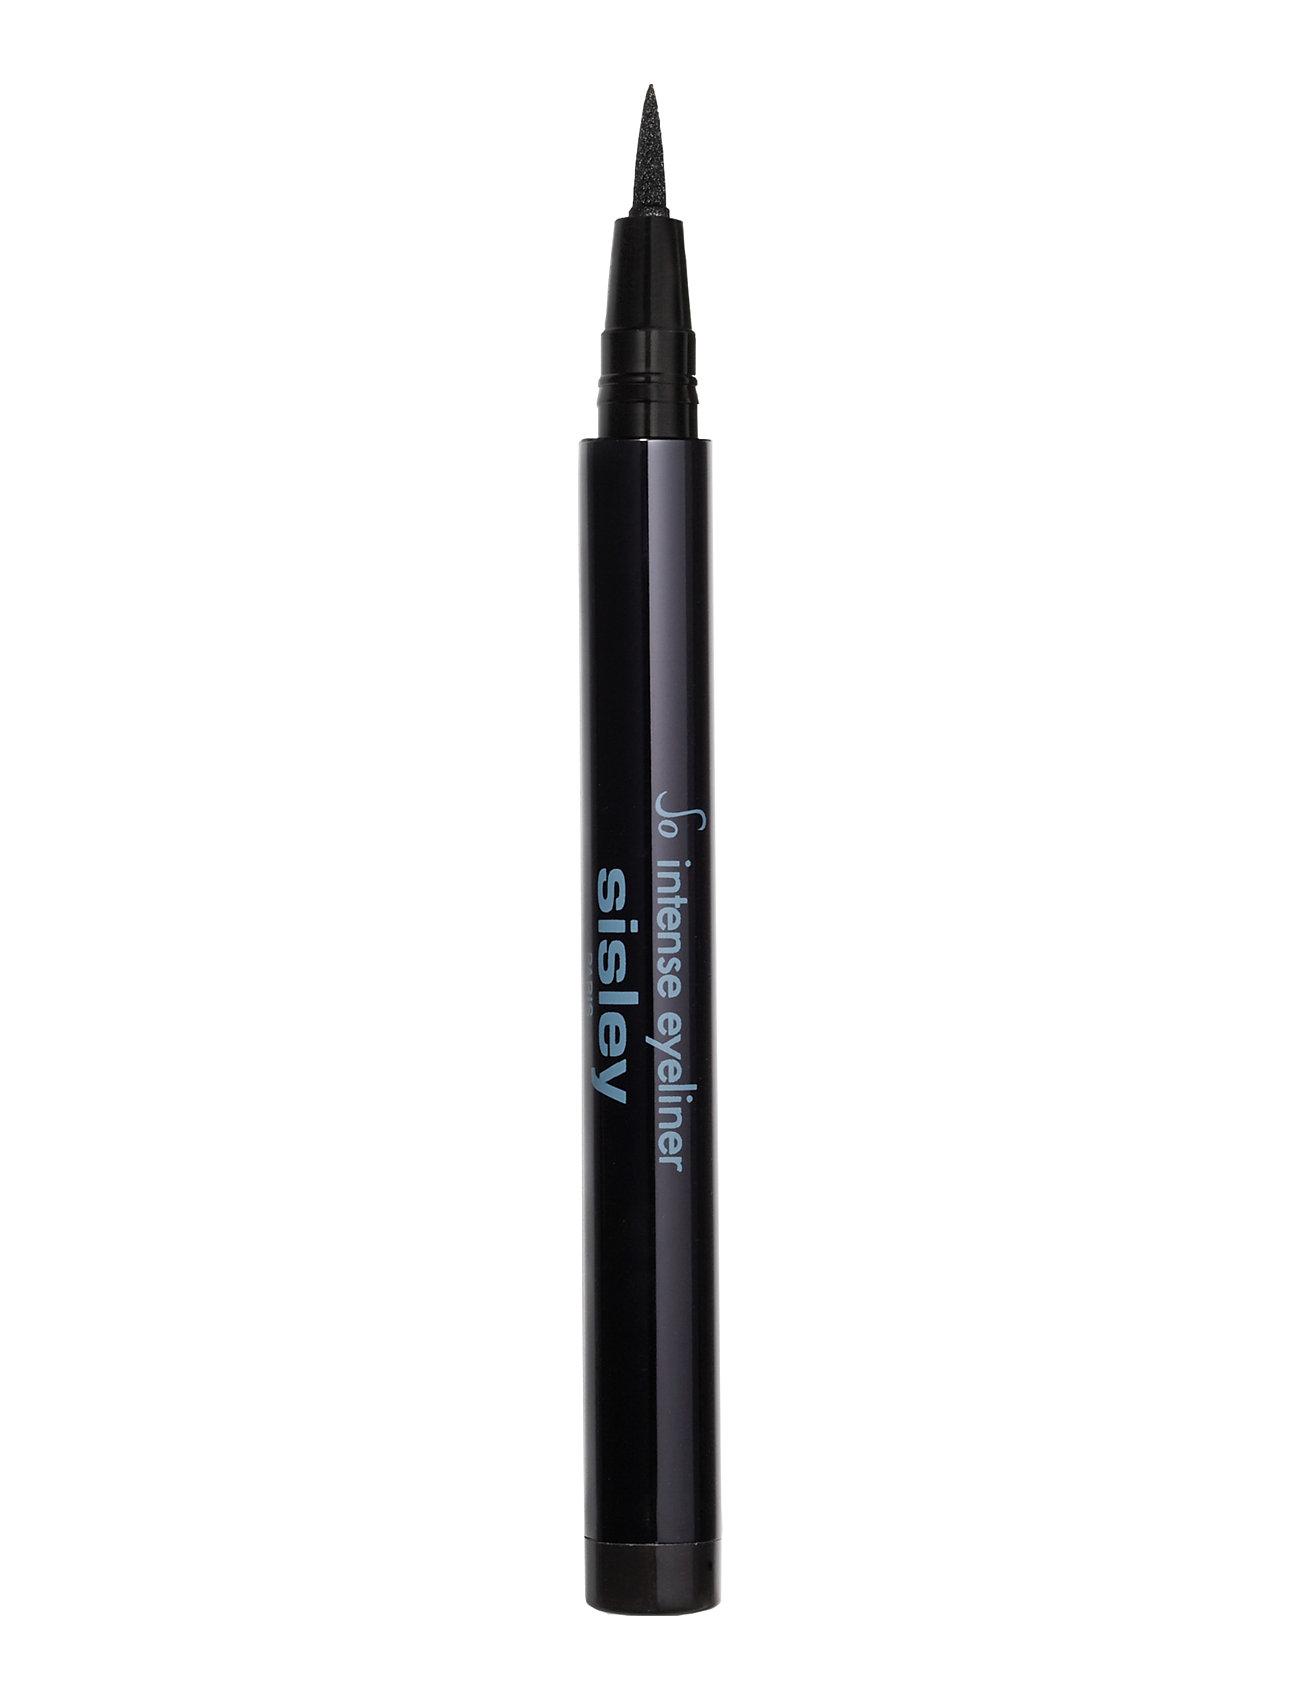 Sisley SO INTENSE EYELINER - 1 DEEP BLACK